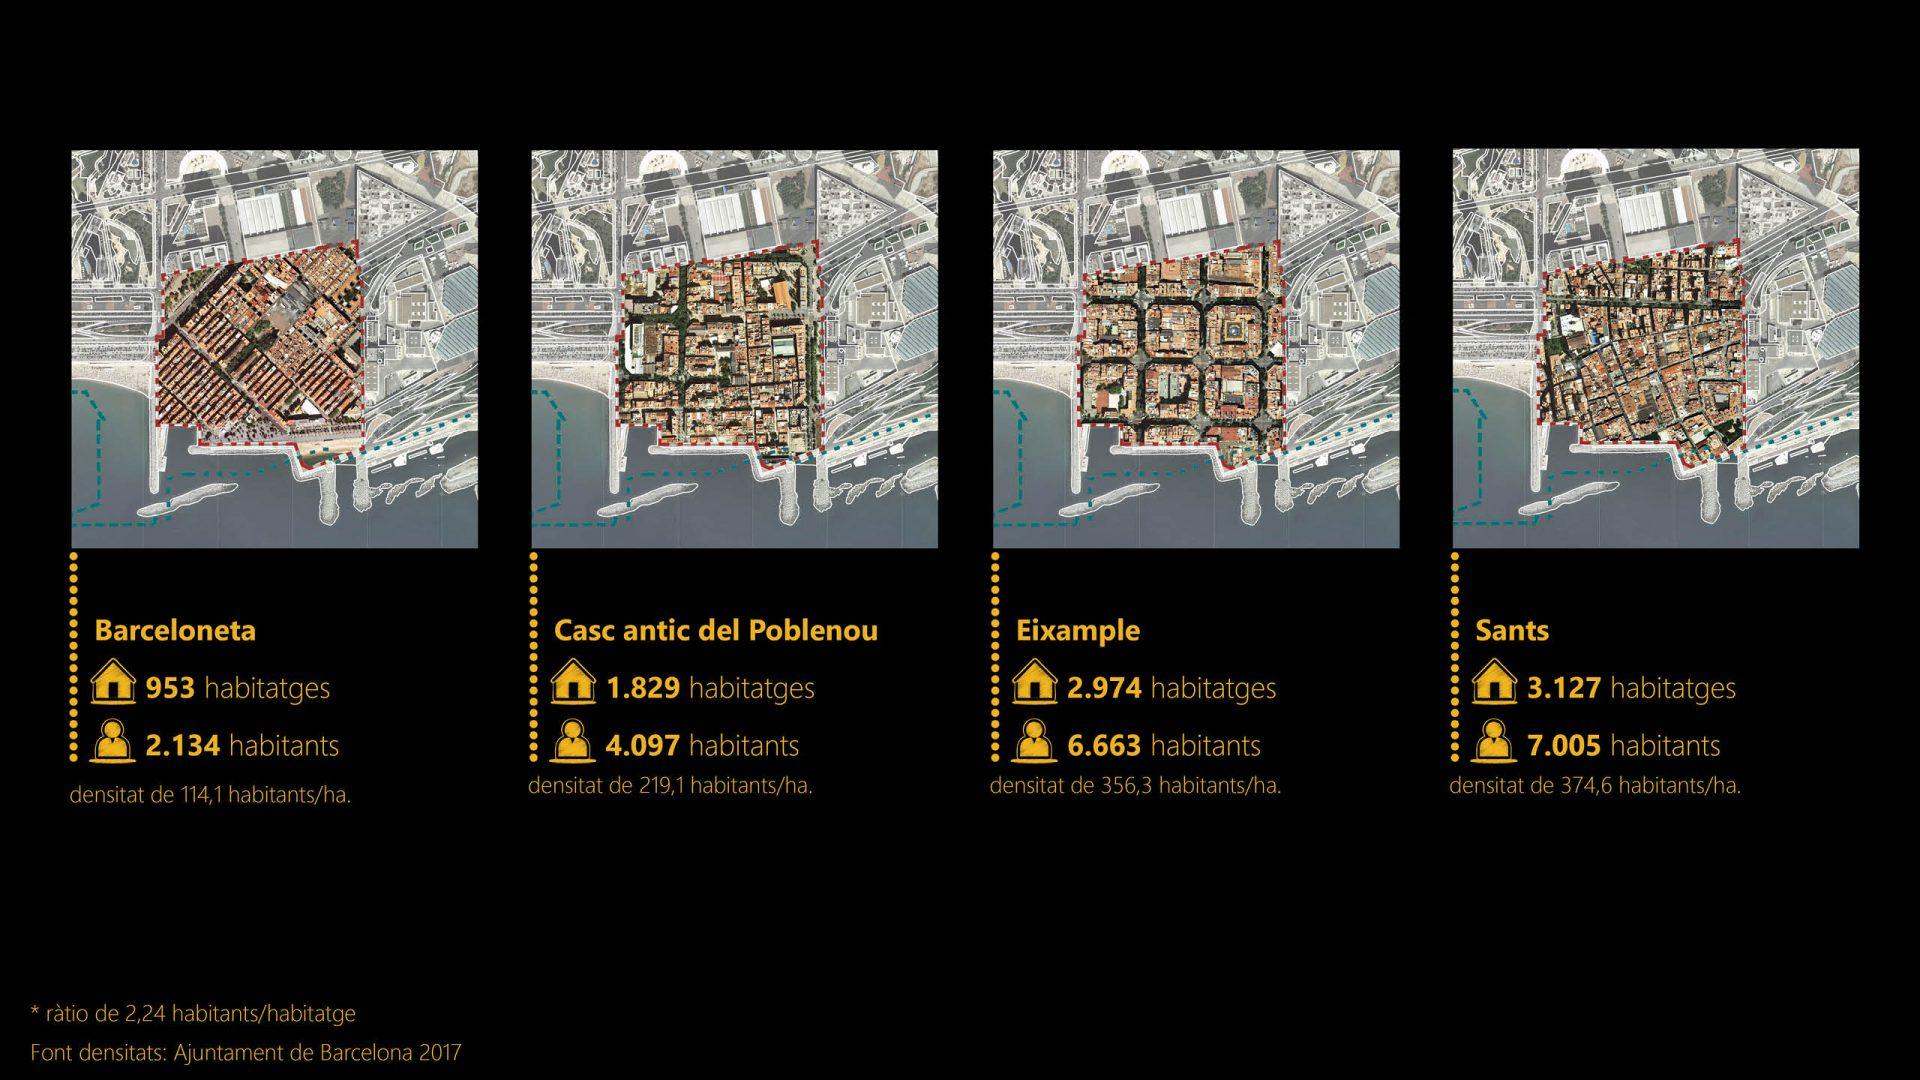 Comparativa amb diferents teixits existents a Barcelona